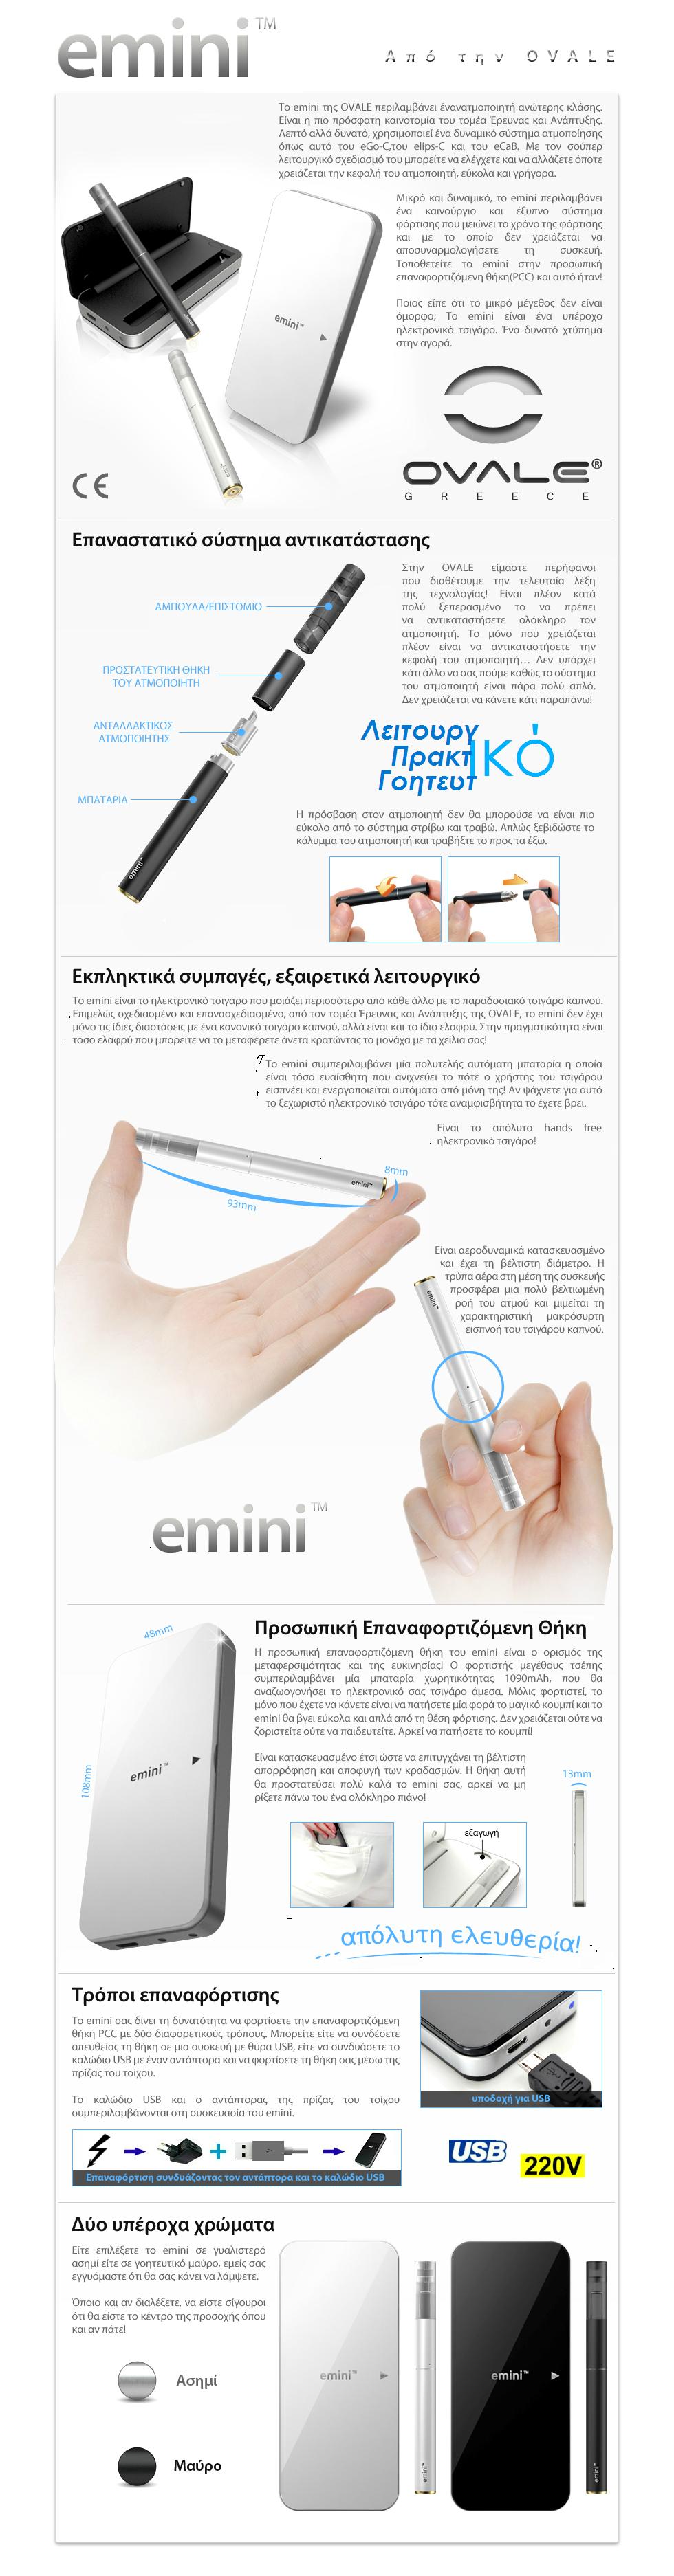 ηλεκτρονικό τσιγάρο, υγρό αναπλήρωσης ηλεκτρονικού τσιγάρου, κόψιμο καπνίσματος, ovale, joyetech, emini, eroll